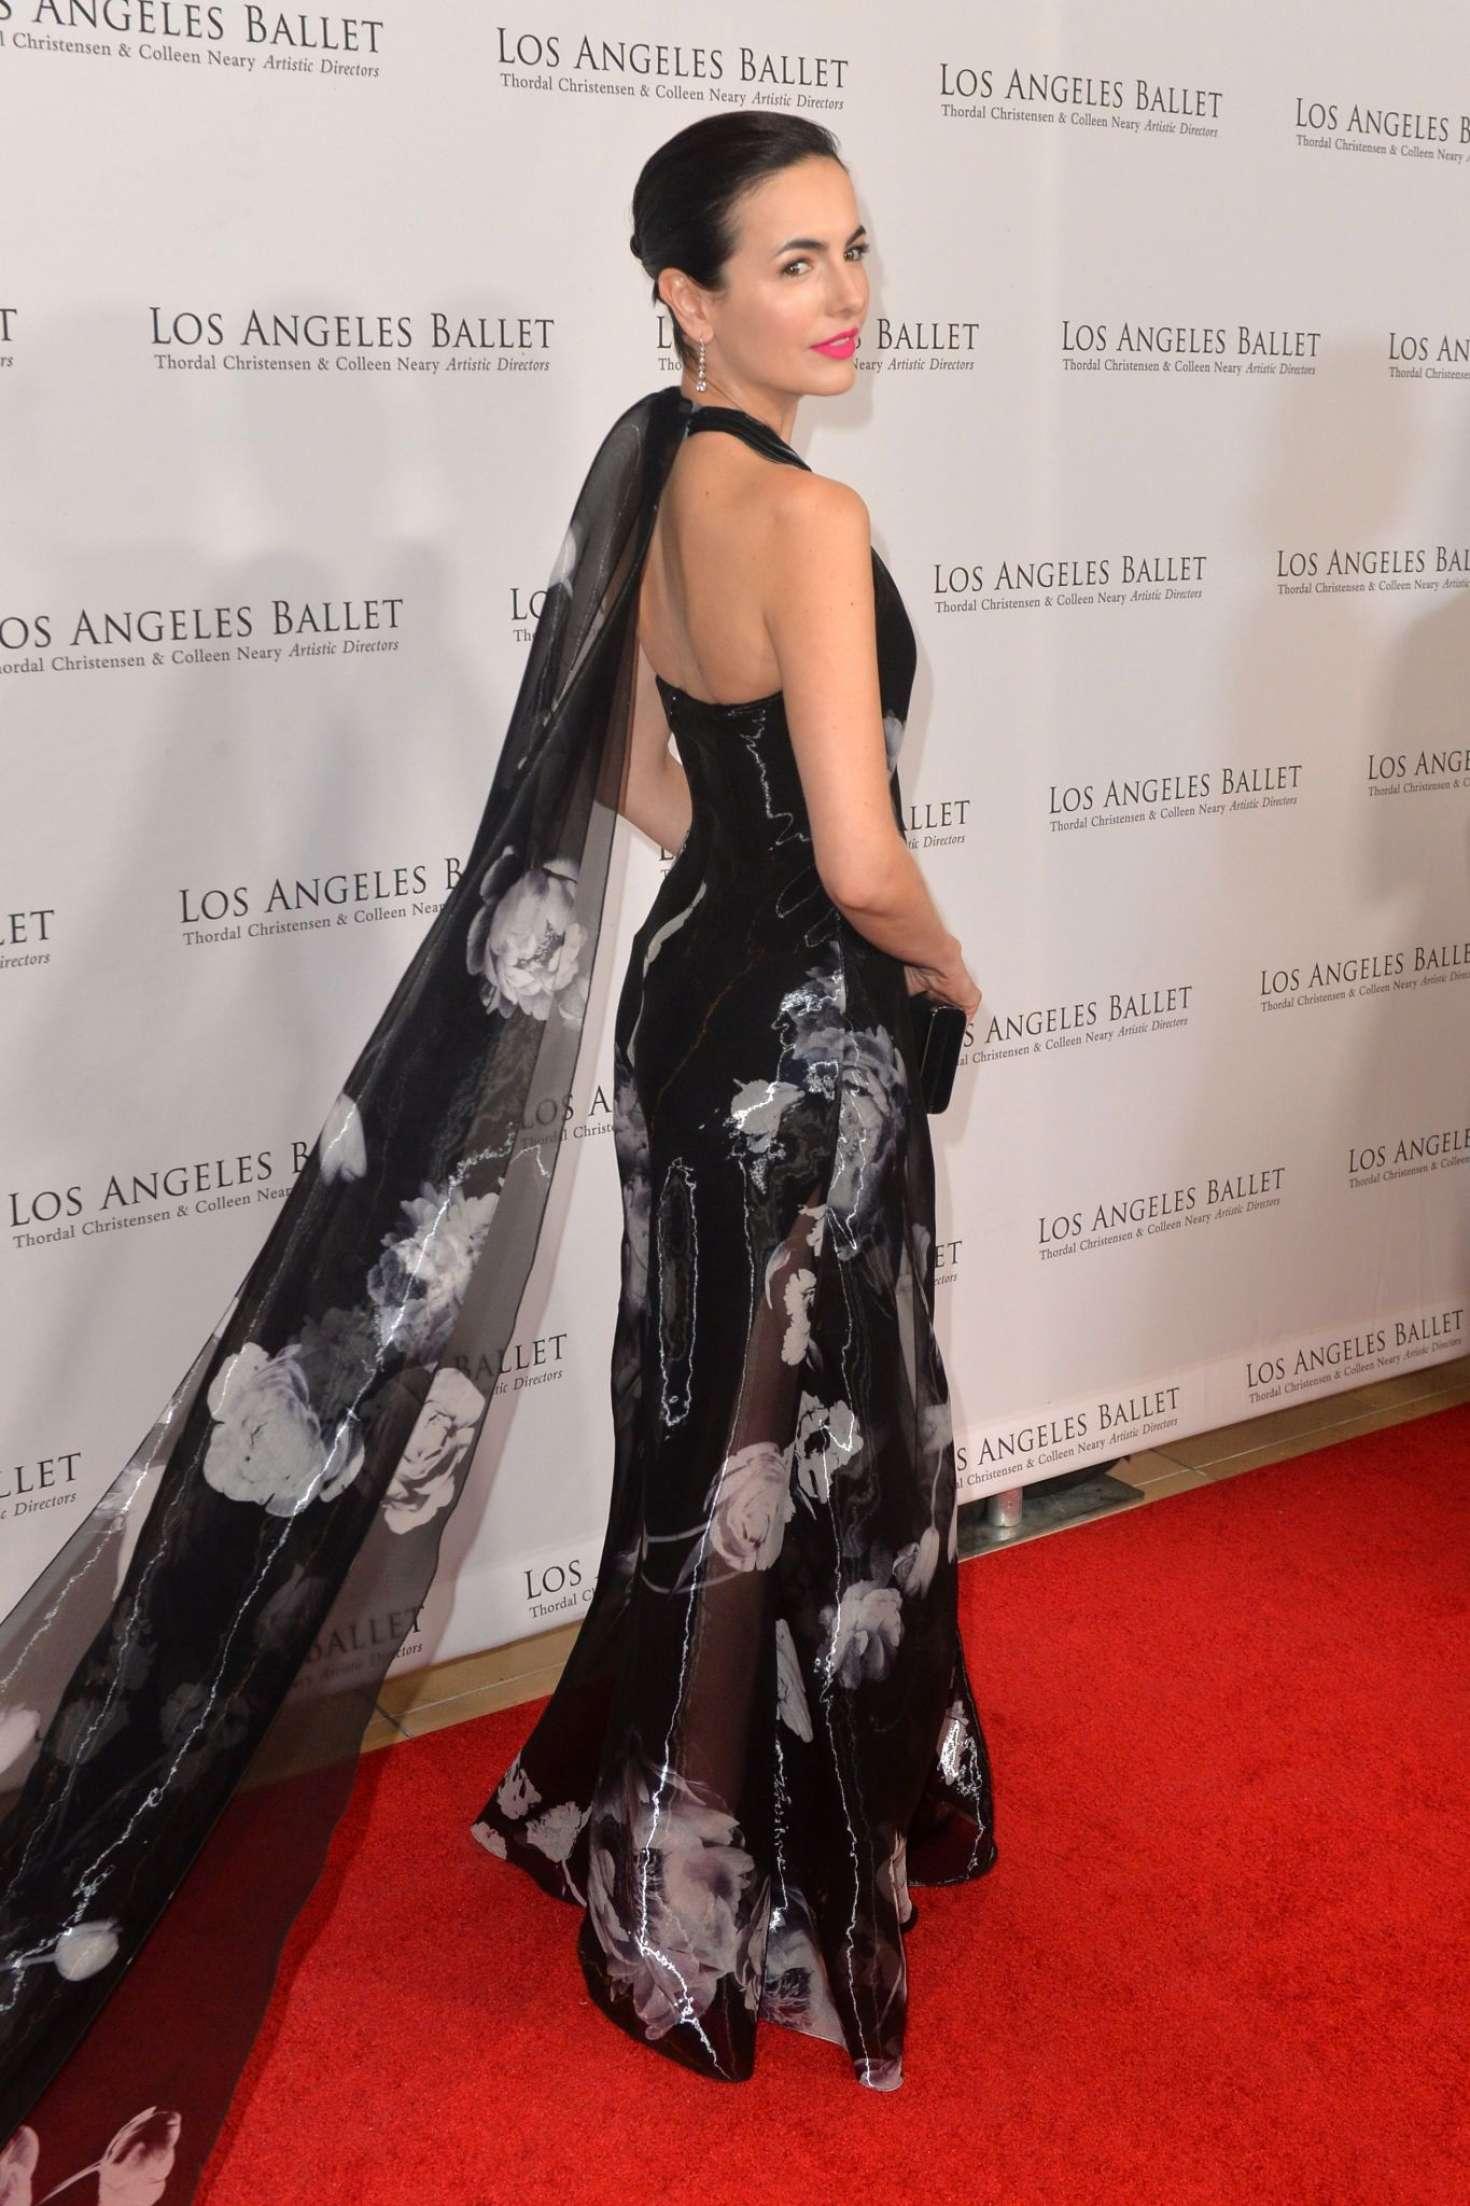 Camilla Belle 2019 : Camilla Belle: Los Angeles Ballets 2019 Gala -05